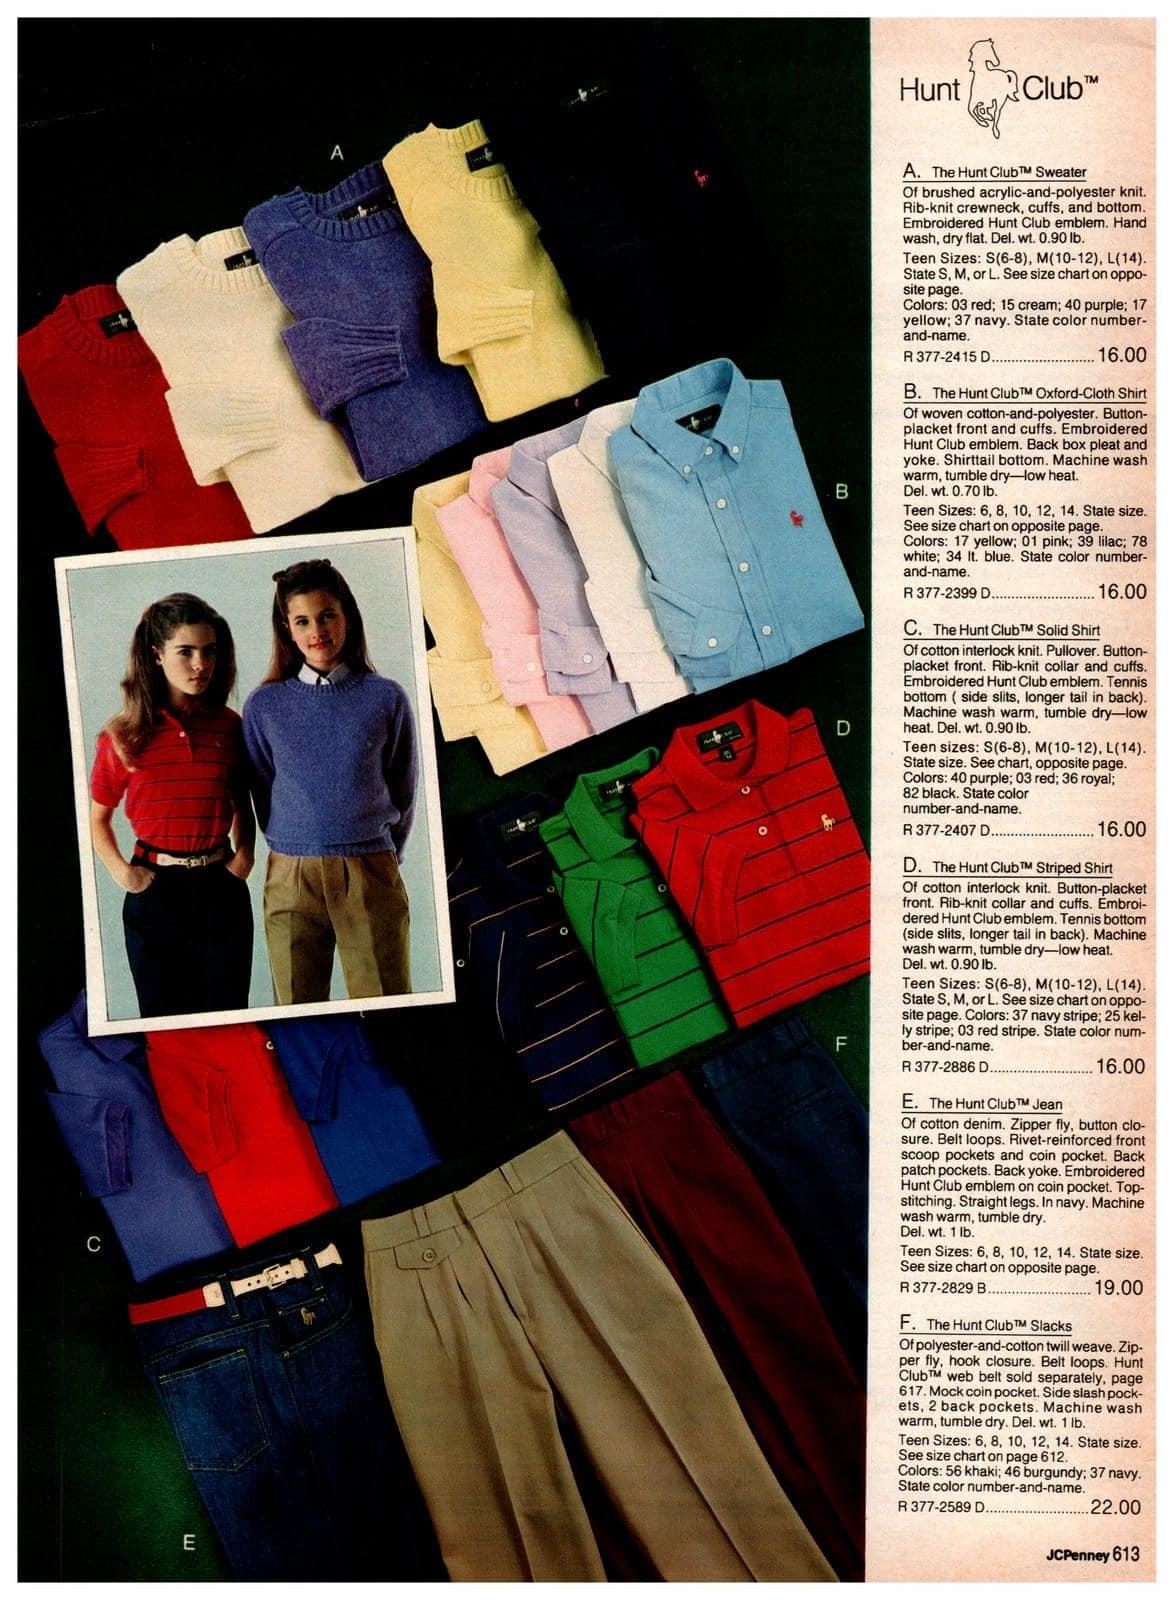 Hunt Club sweaters, polo shirts, oxfords, striped shirts, jeans, khakis and slacks